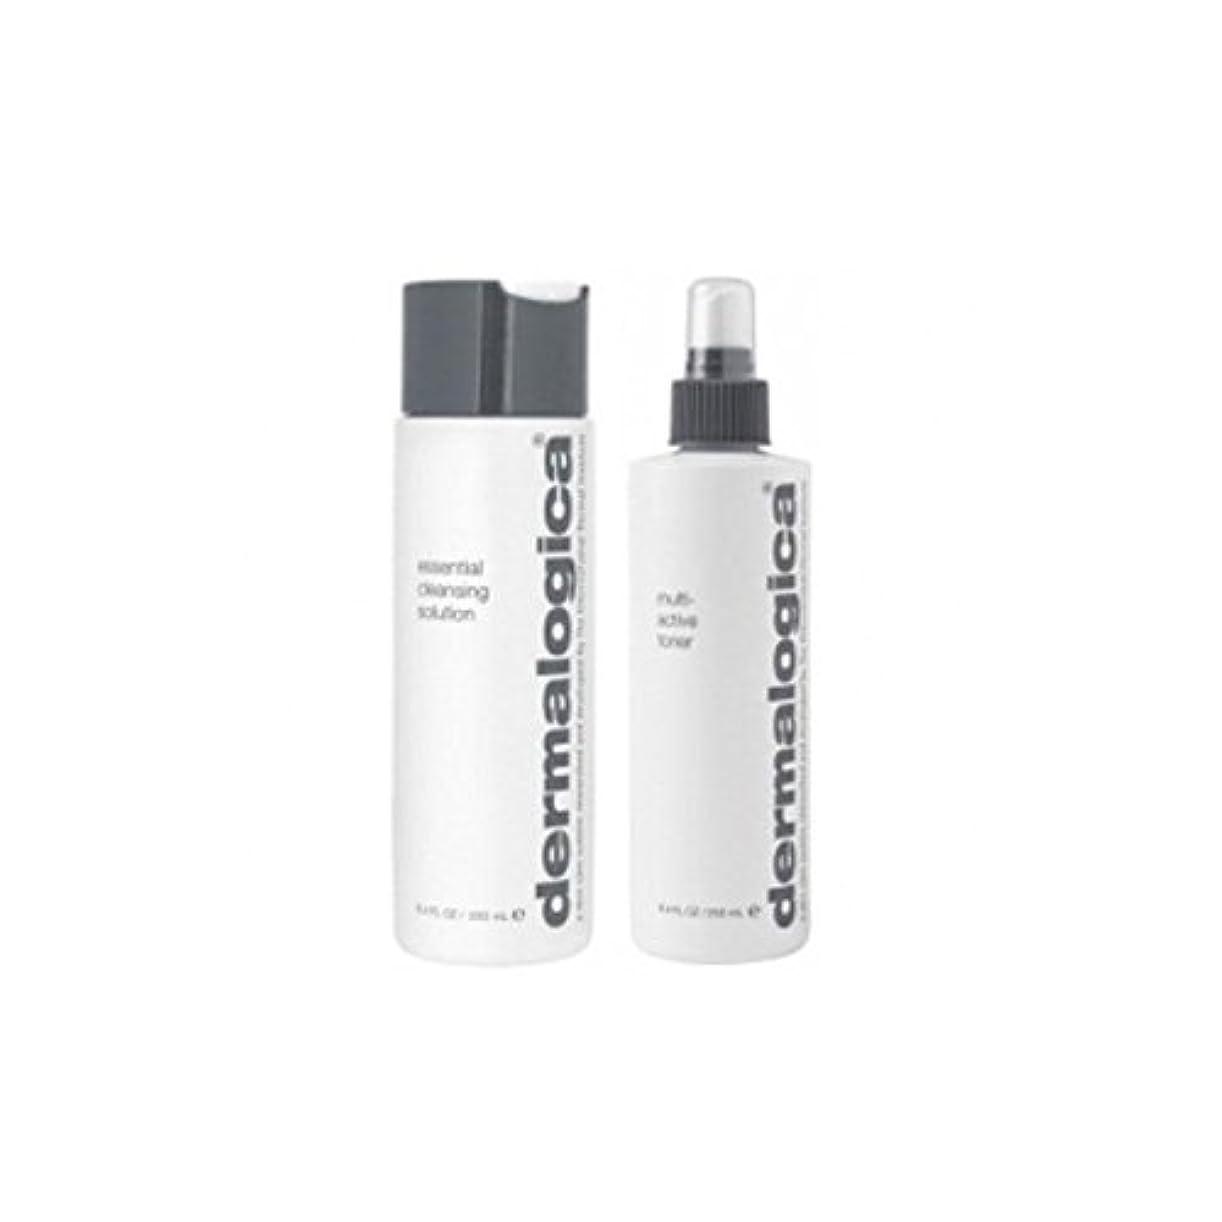 航海ブランクカブダーマロジカクレンジング&トーンデュオ - 乾燥肌 x4 - Dermalogica Cleanse & Tone Duo - Dry Skin (Pack of 4) [並行輸入品]